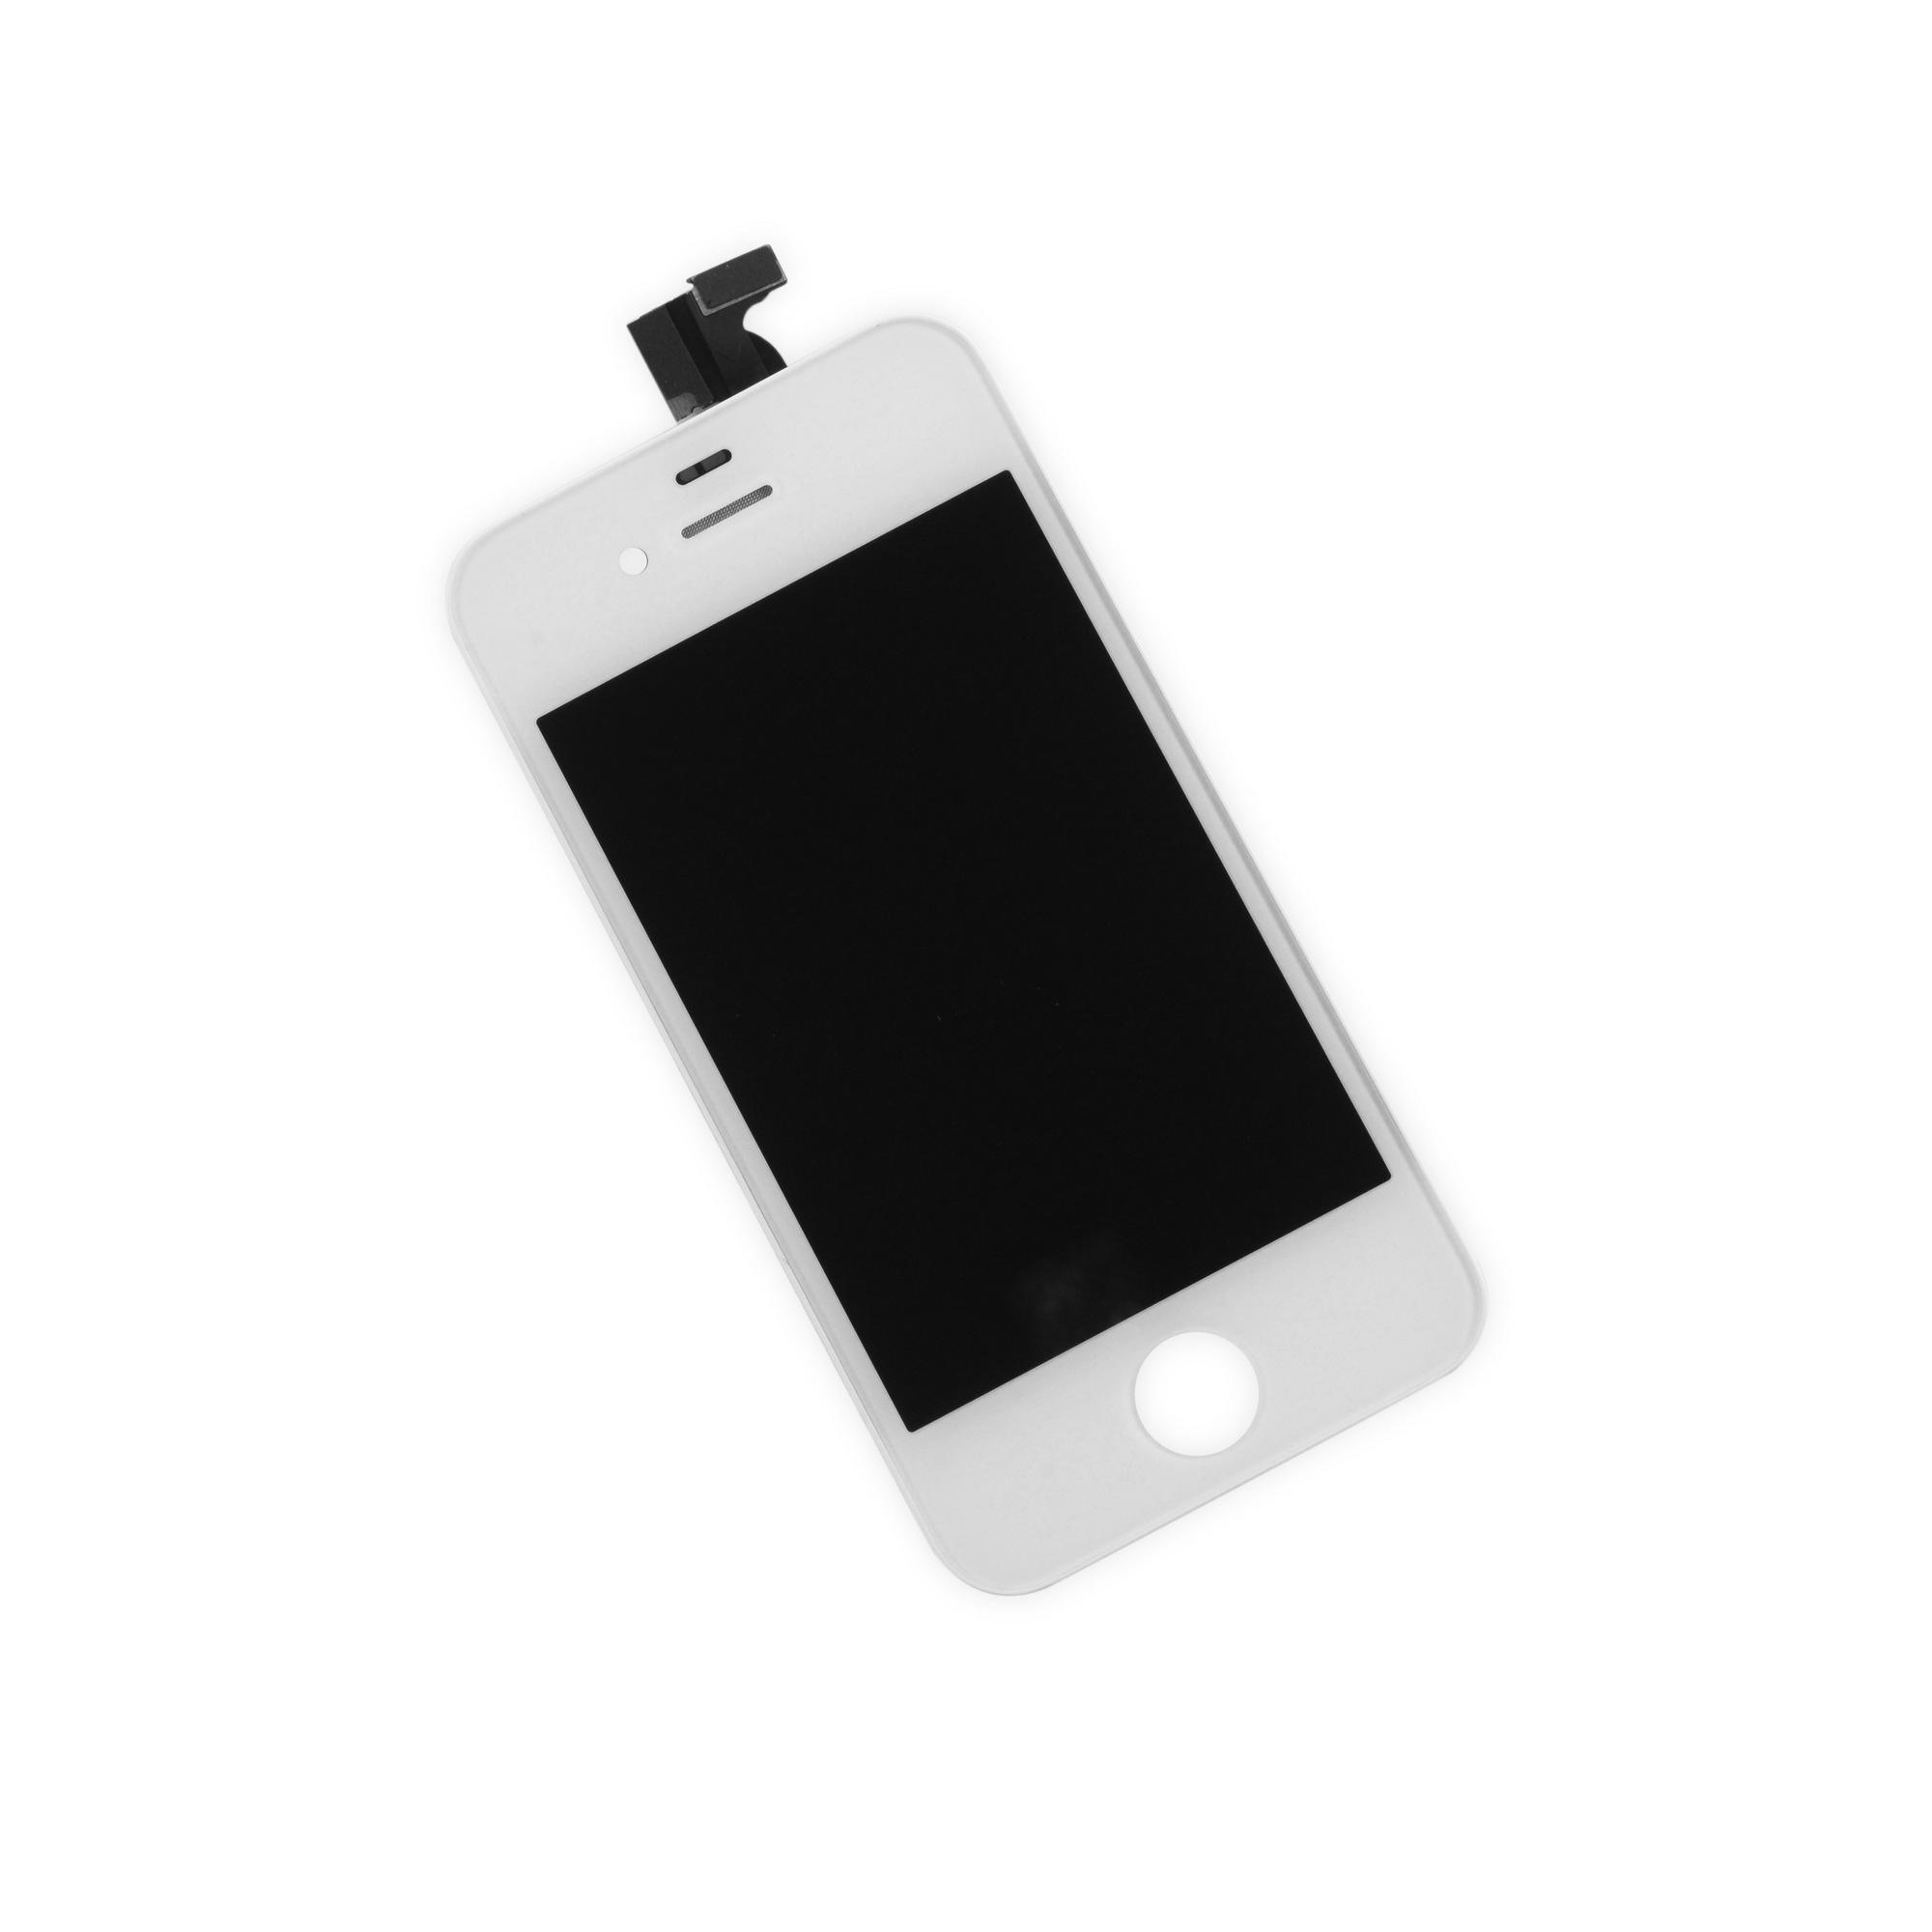 ecran iphone 4s pas cher sur vitrecran livraison gratuite. Black Bedroom Furniture Sets. Home Design Ideas